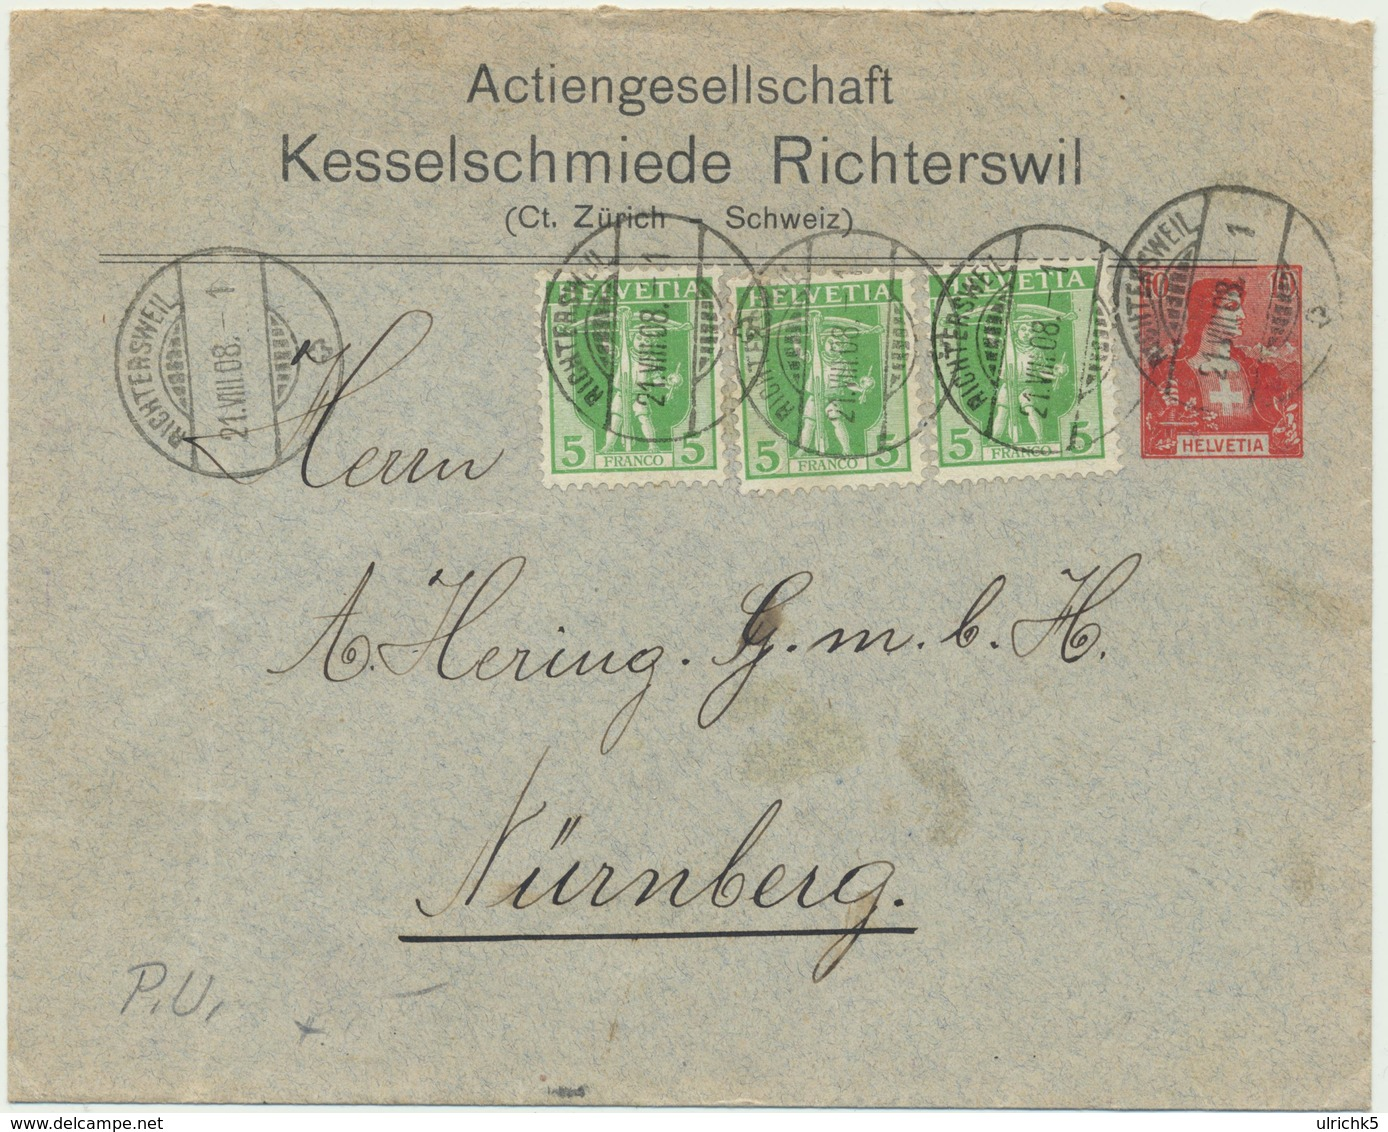 Ganzsache Schweiz Kesselschmiede Richterswil - Nürnberg - Entiers Postaux